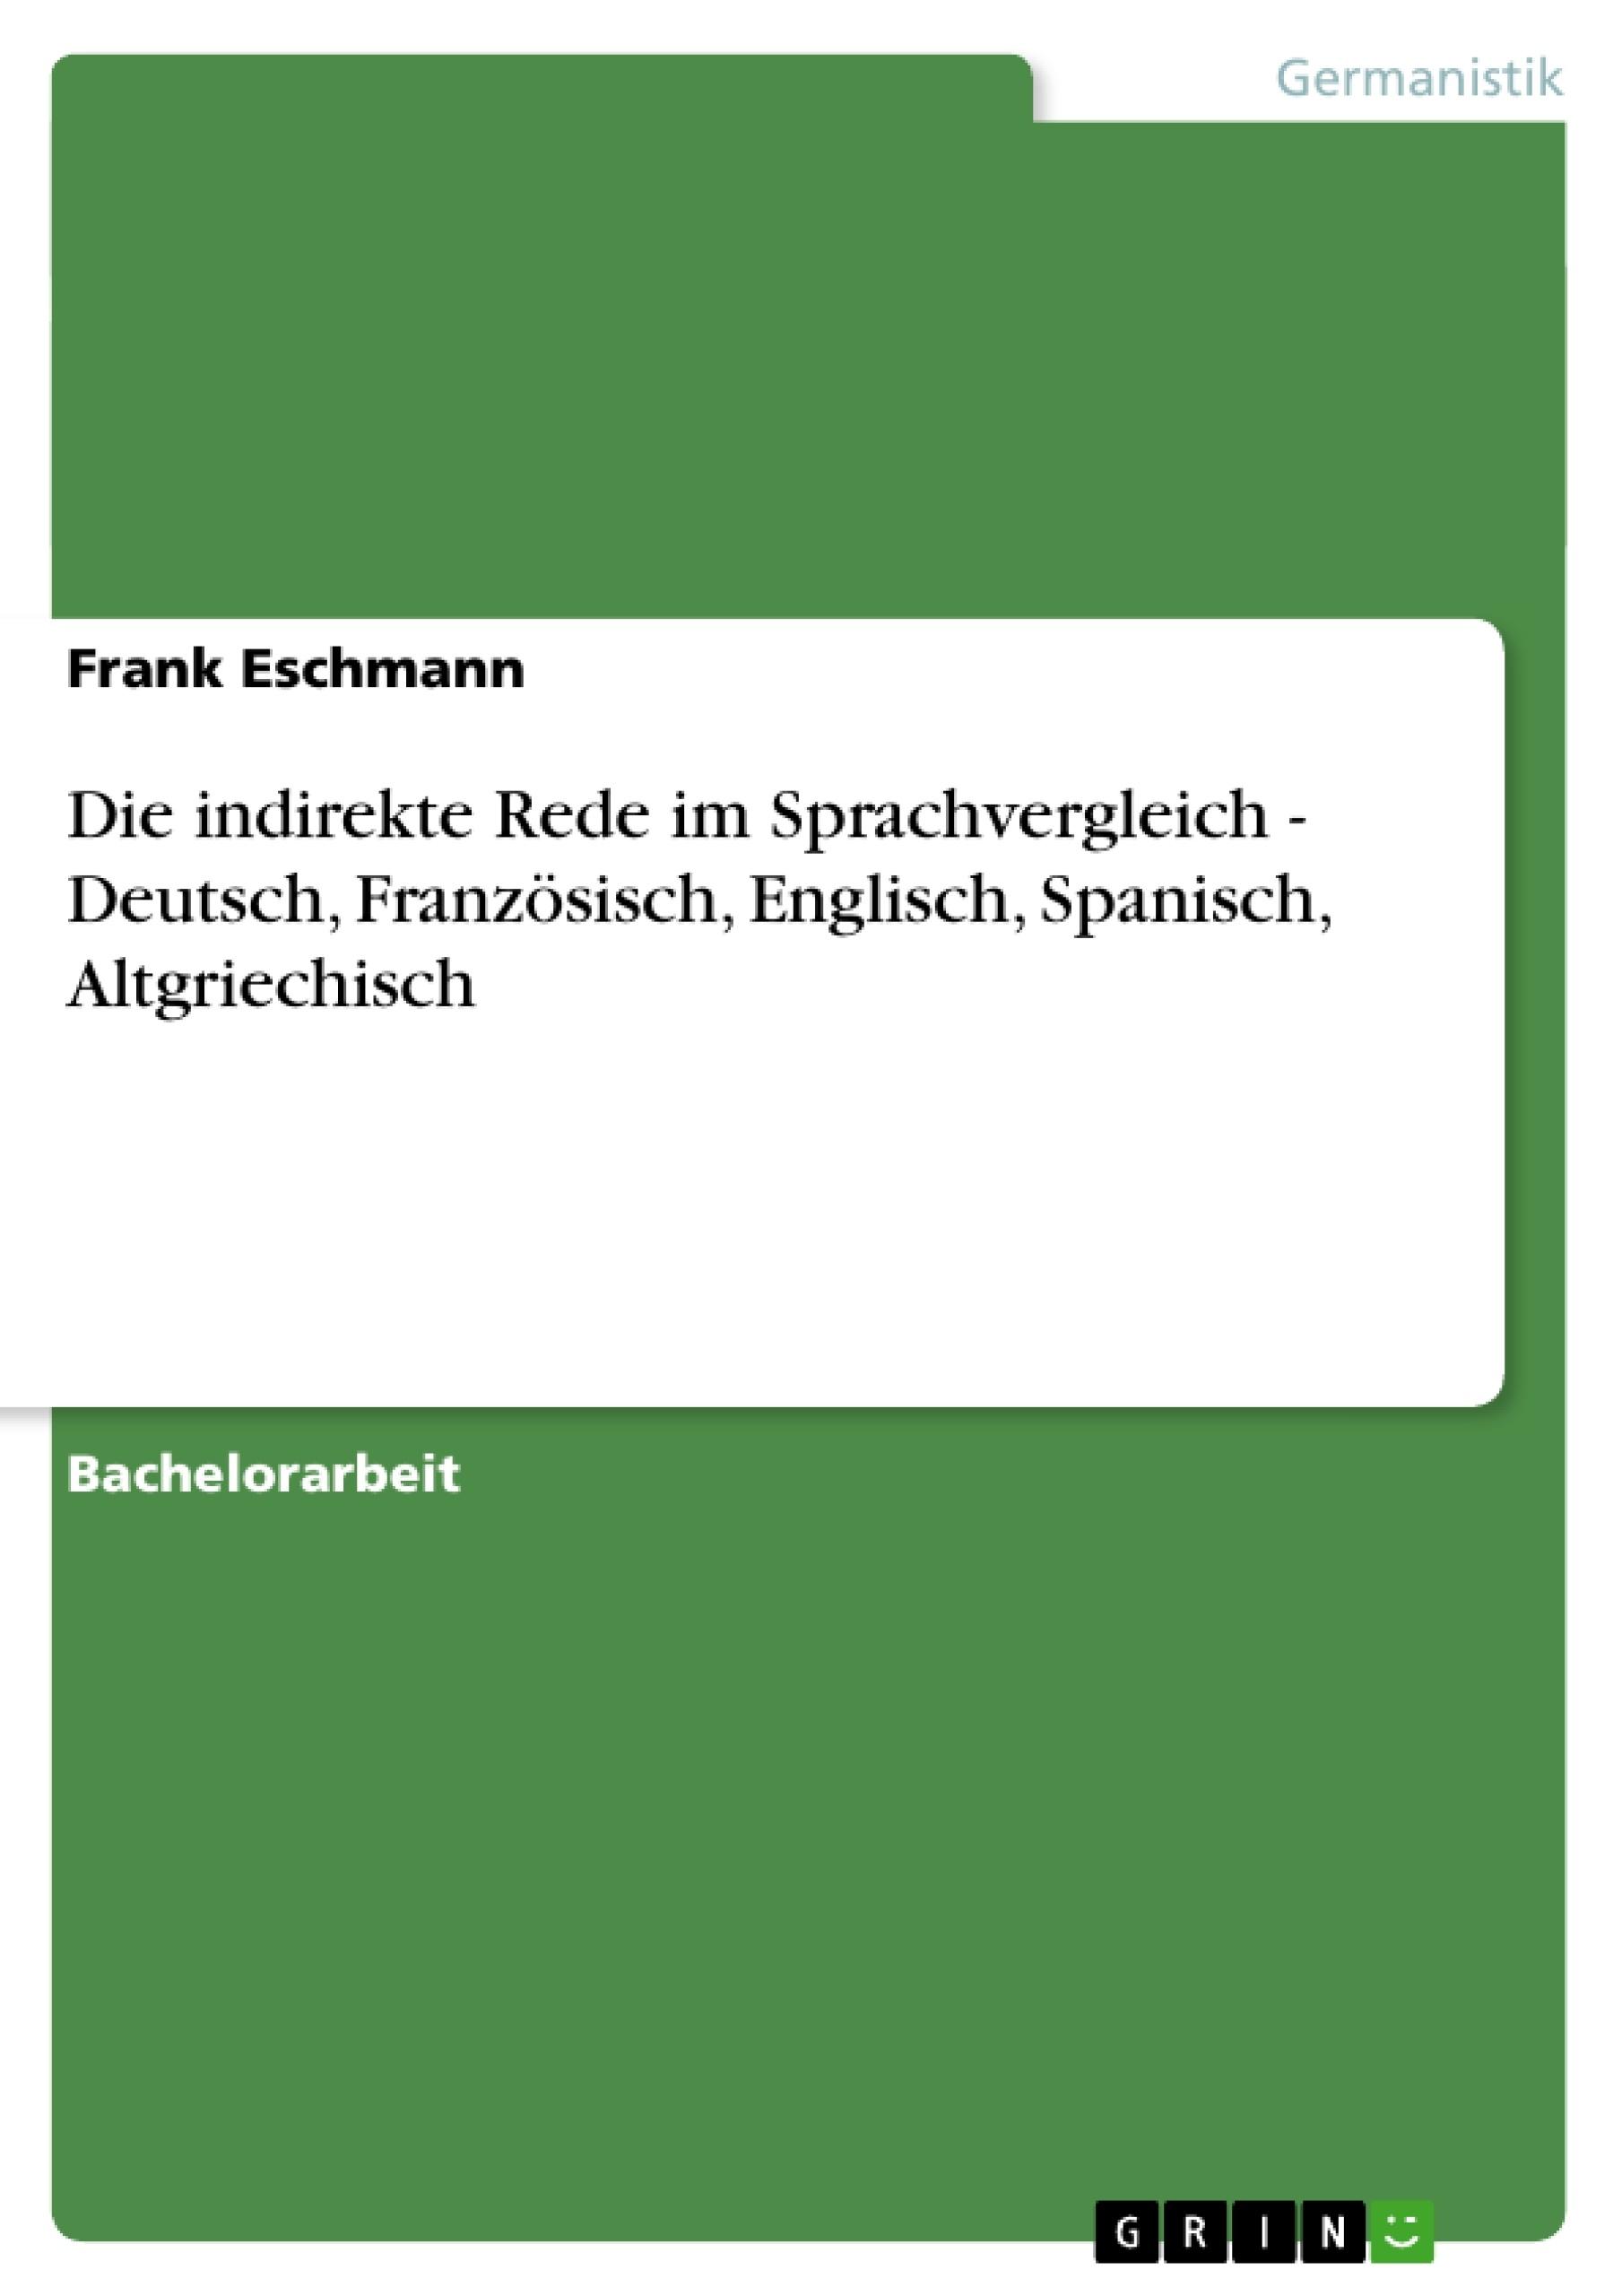 Titel: Die indirekte Rede im Sprachvergleich - Deutsch, Französisch, Englisch, Spanisch, Altgriechisch